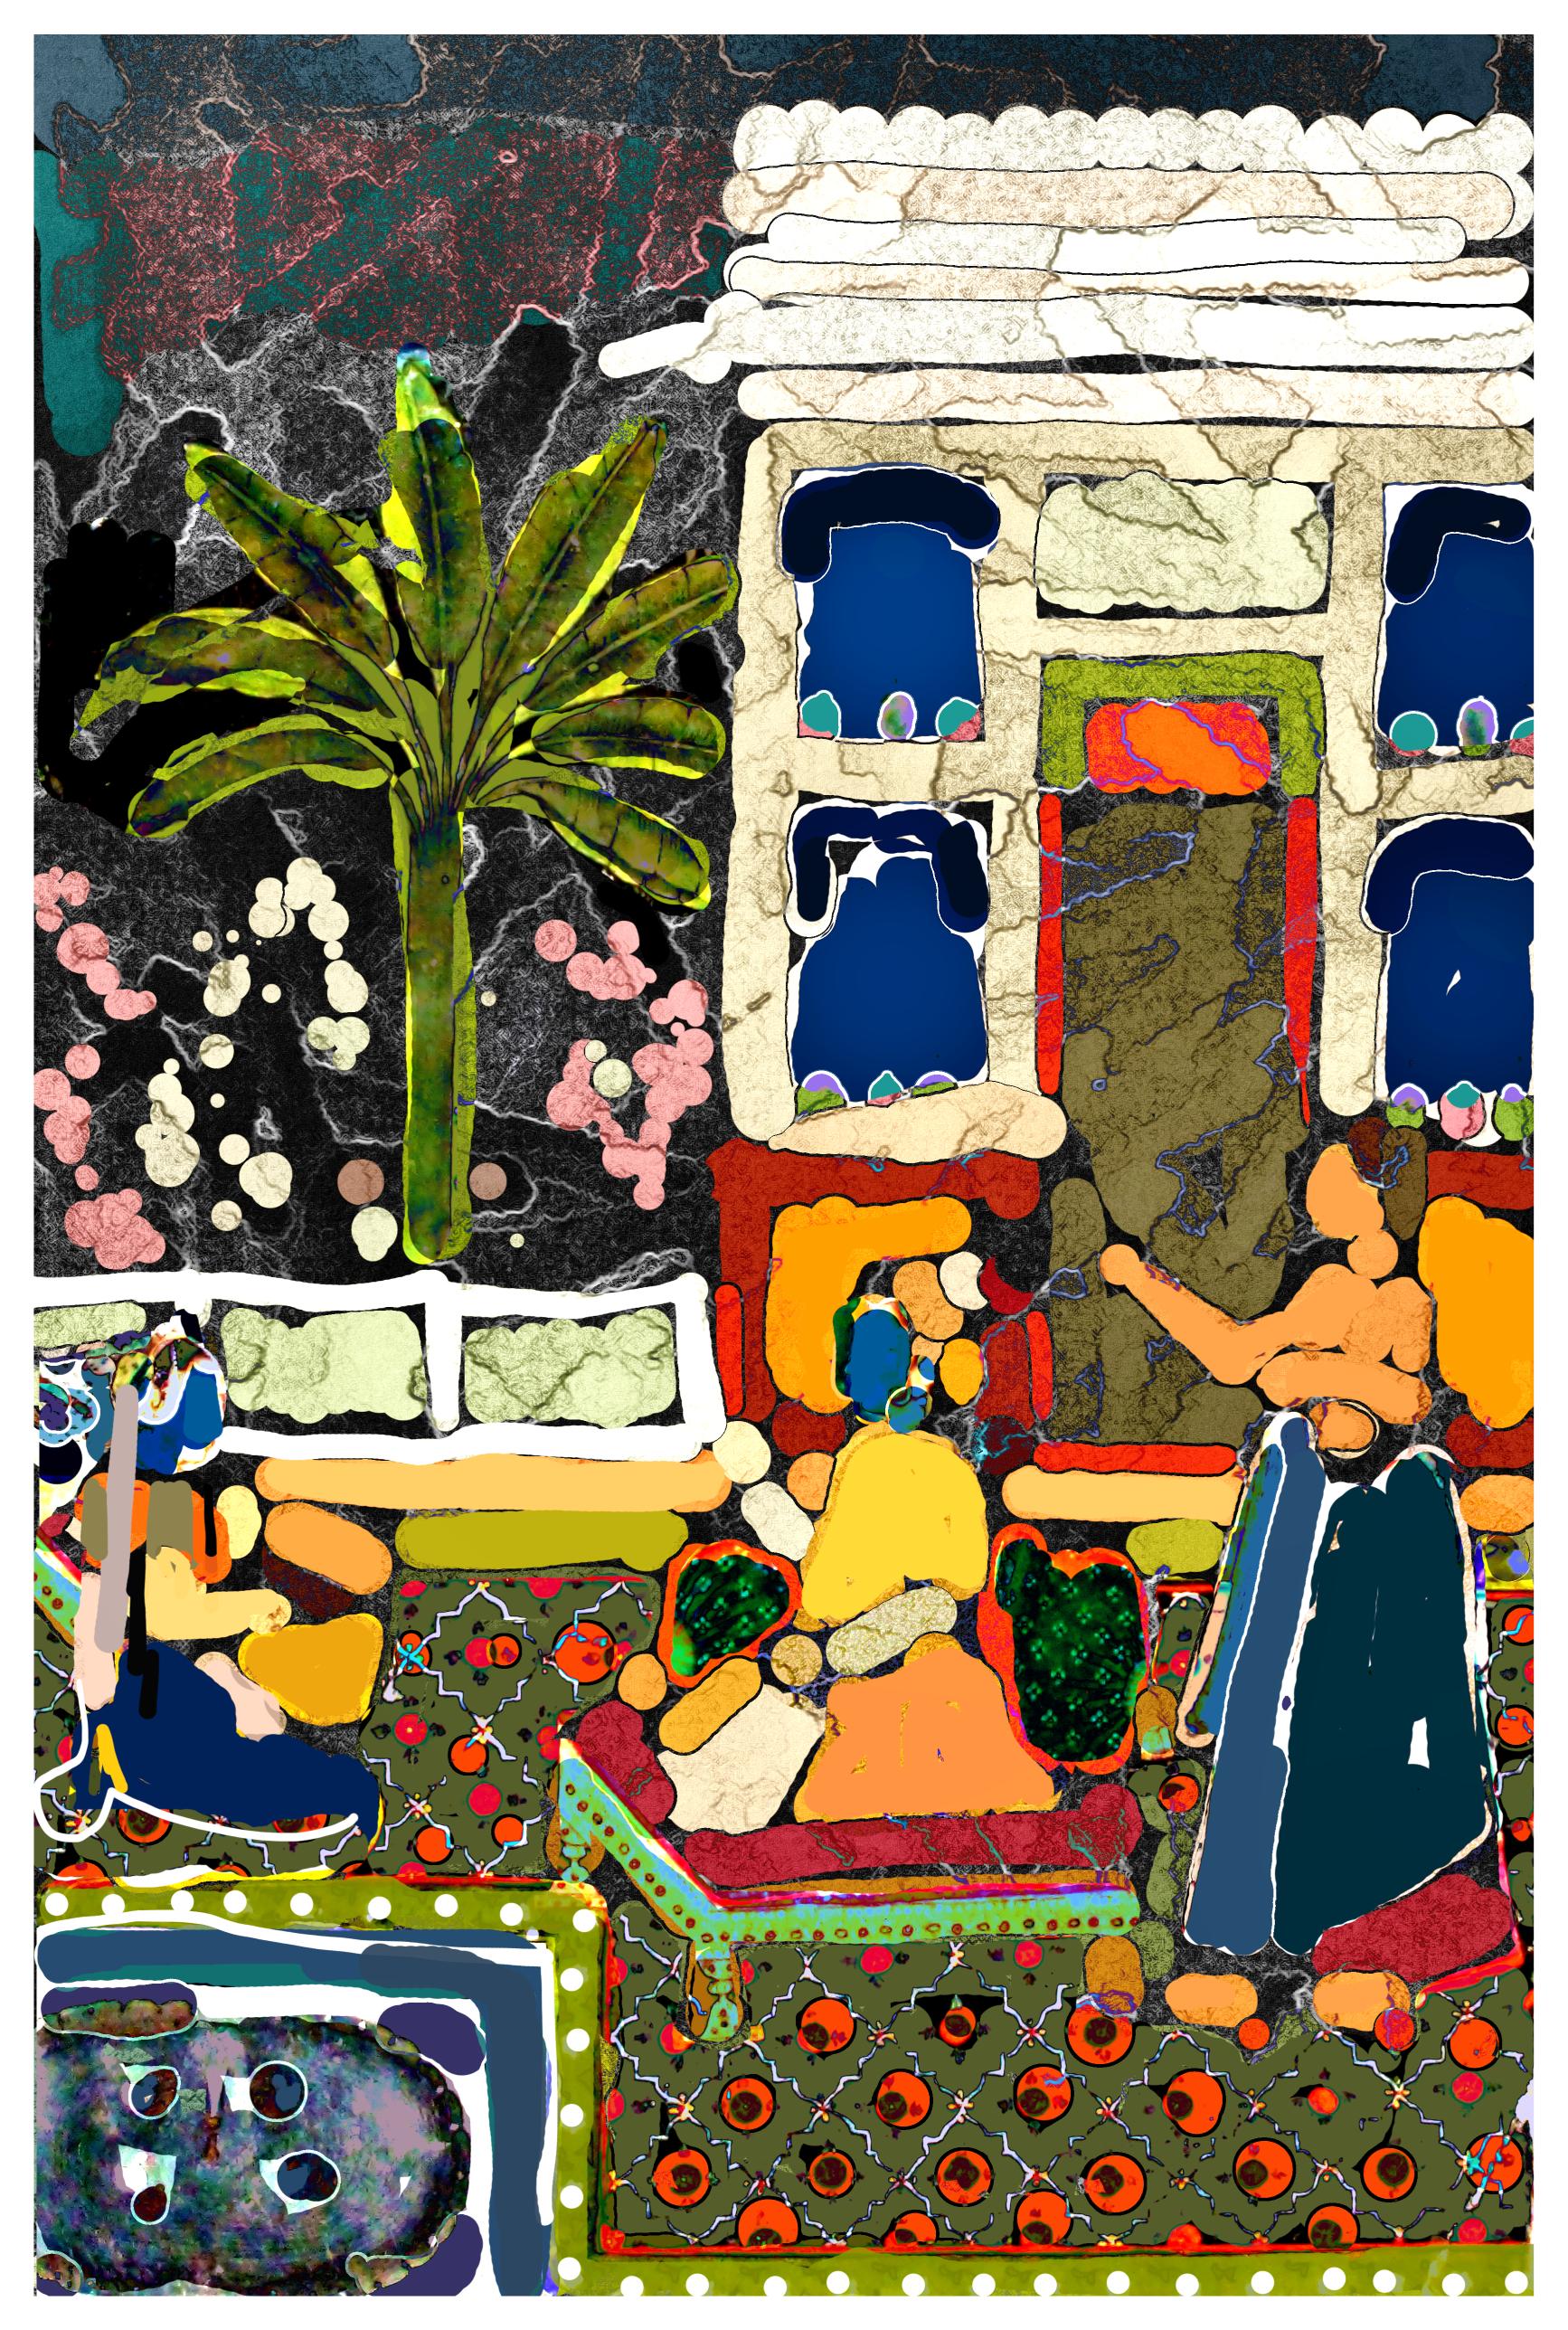 Raga Shri 2011 - digital